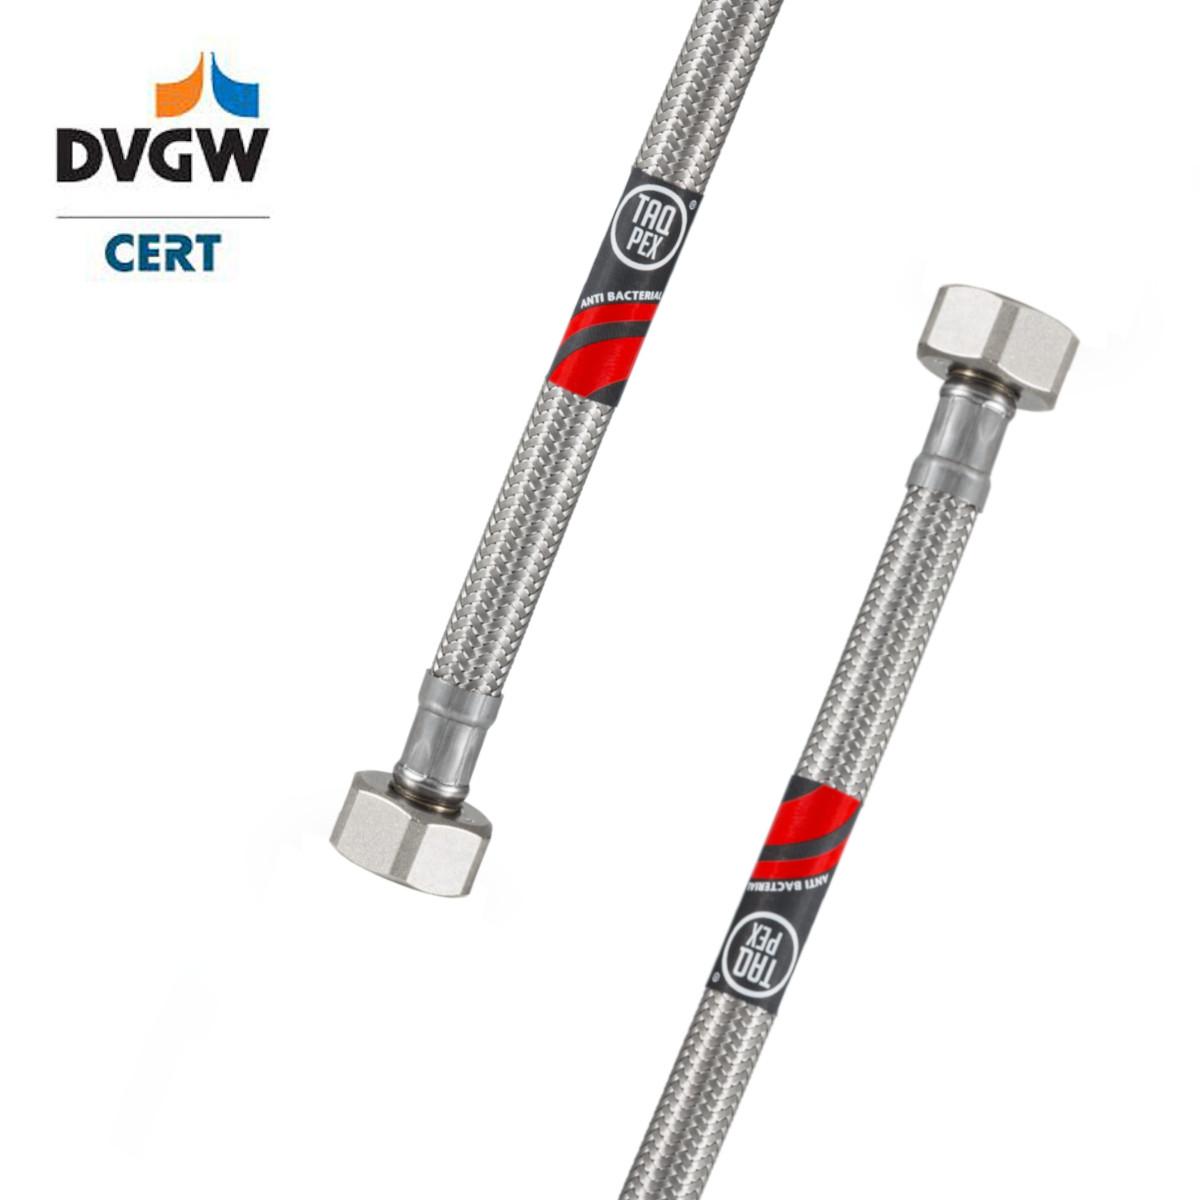 """DVGW geprüfter Flexschlauch 3/8"""" ÜM x 3/8"""" ÜM 500mm Wasseranschluss-Anschlussschlauch Verlängerung PEX"""